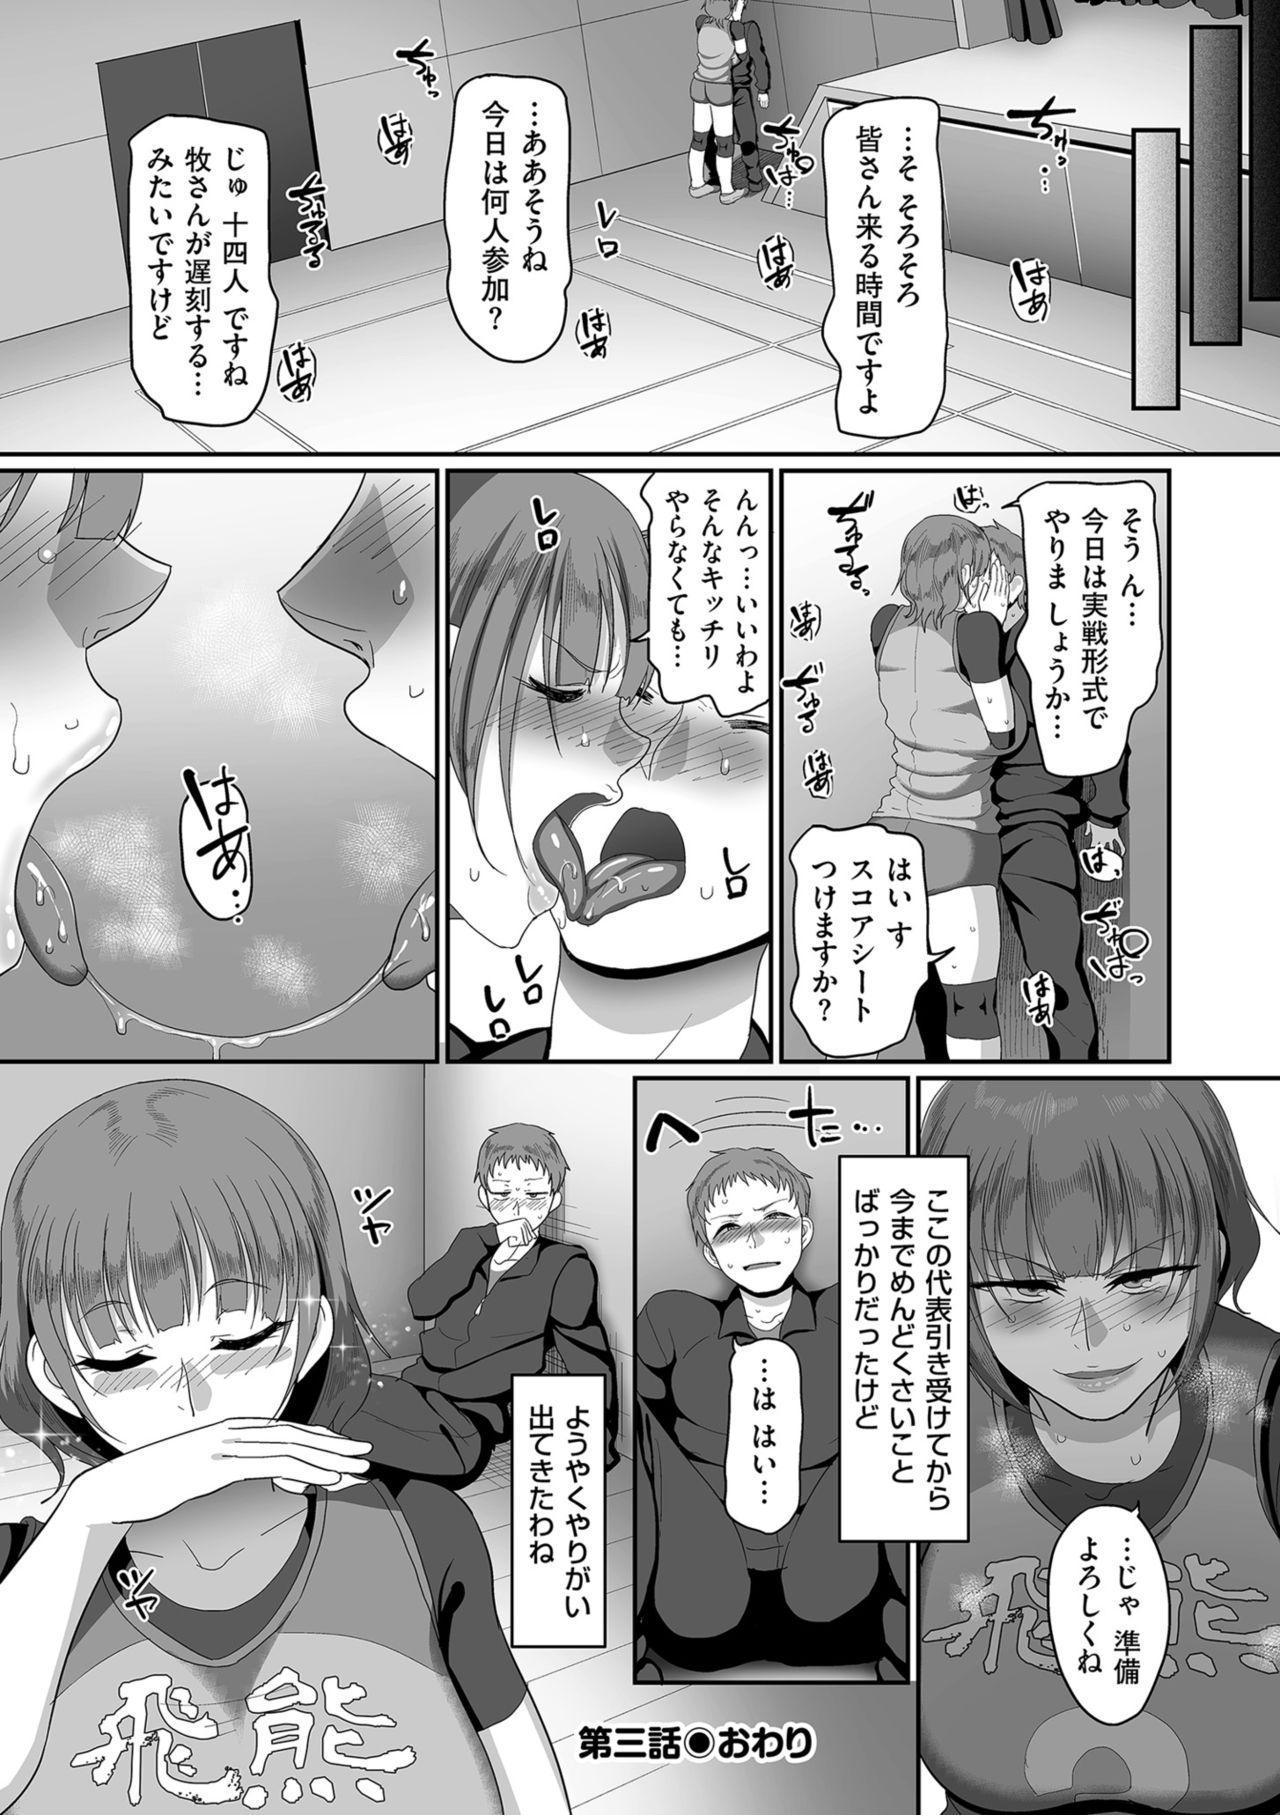 [Yamamoto Zenzen] S-ken K-shi Shakaijin Joshi Volleyball Circle no Jijou [Digital] 79